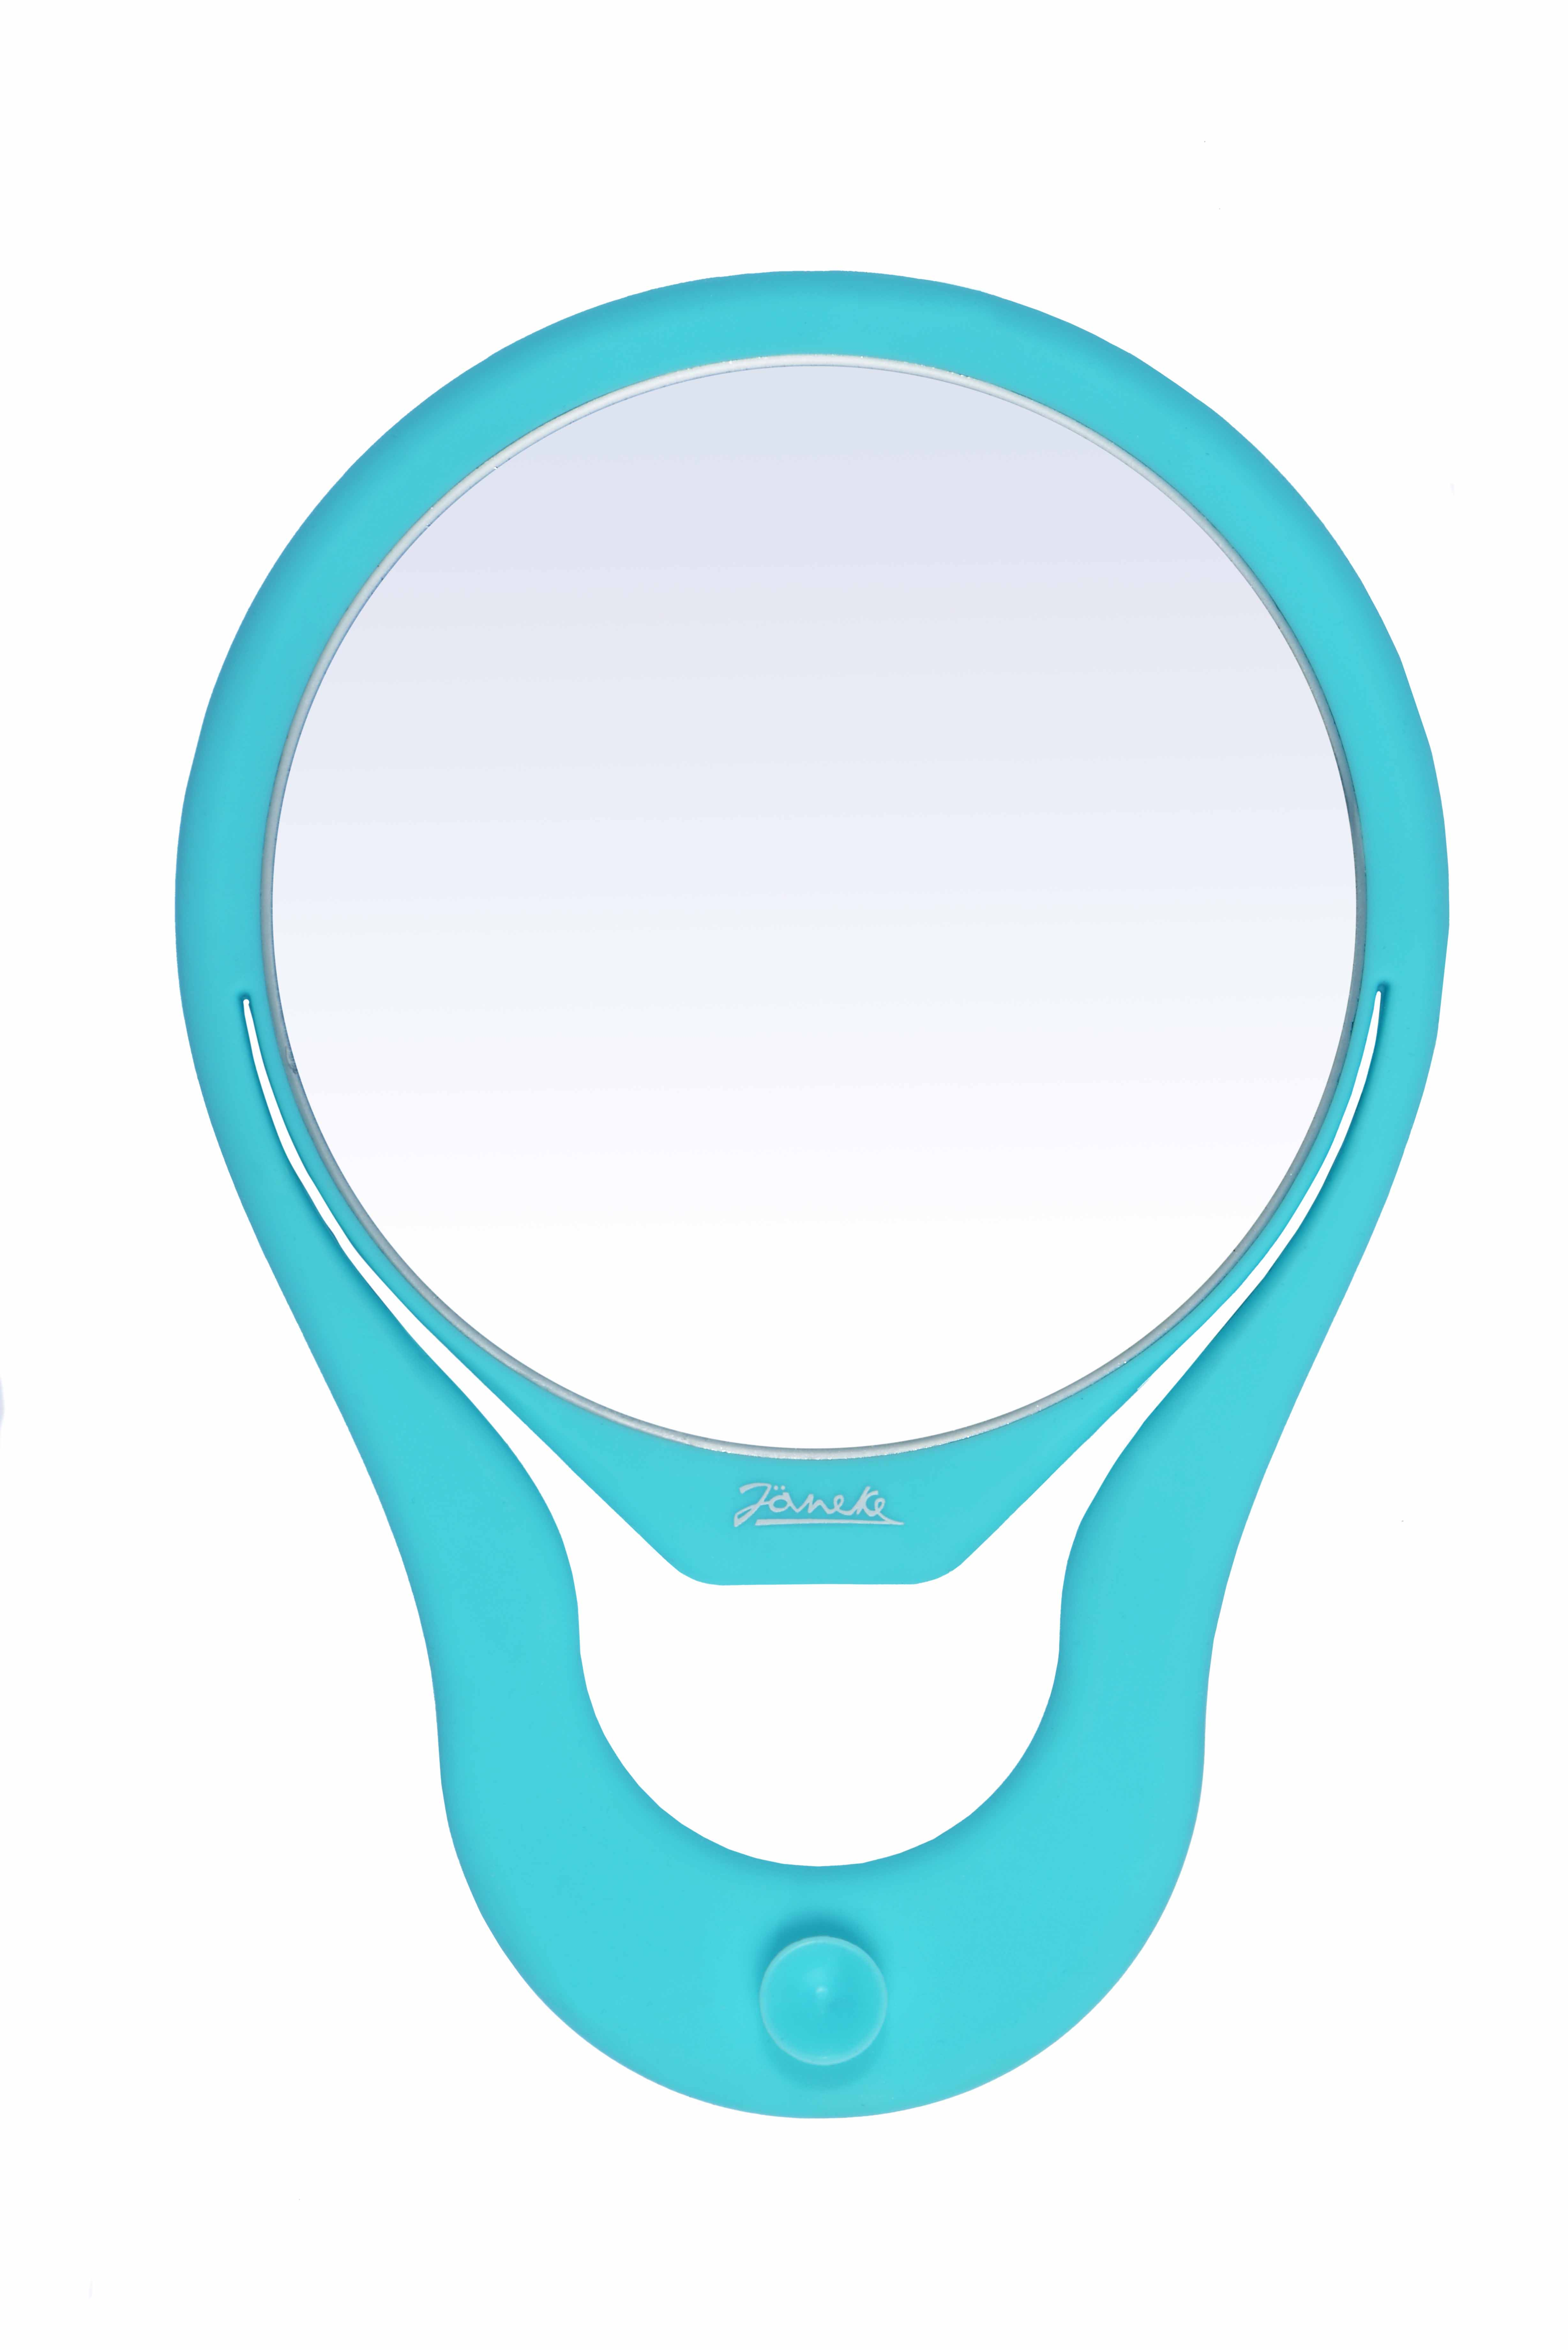 Зеркало настольное силиконовое на присоске Диаметр 120 Код 10445-TSE